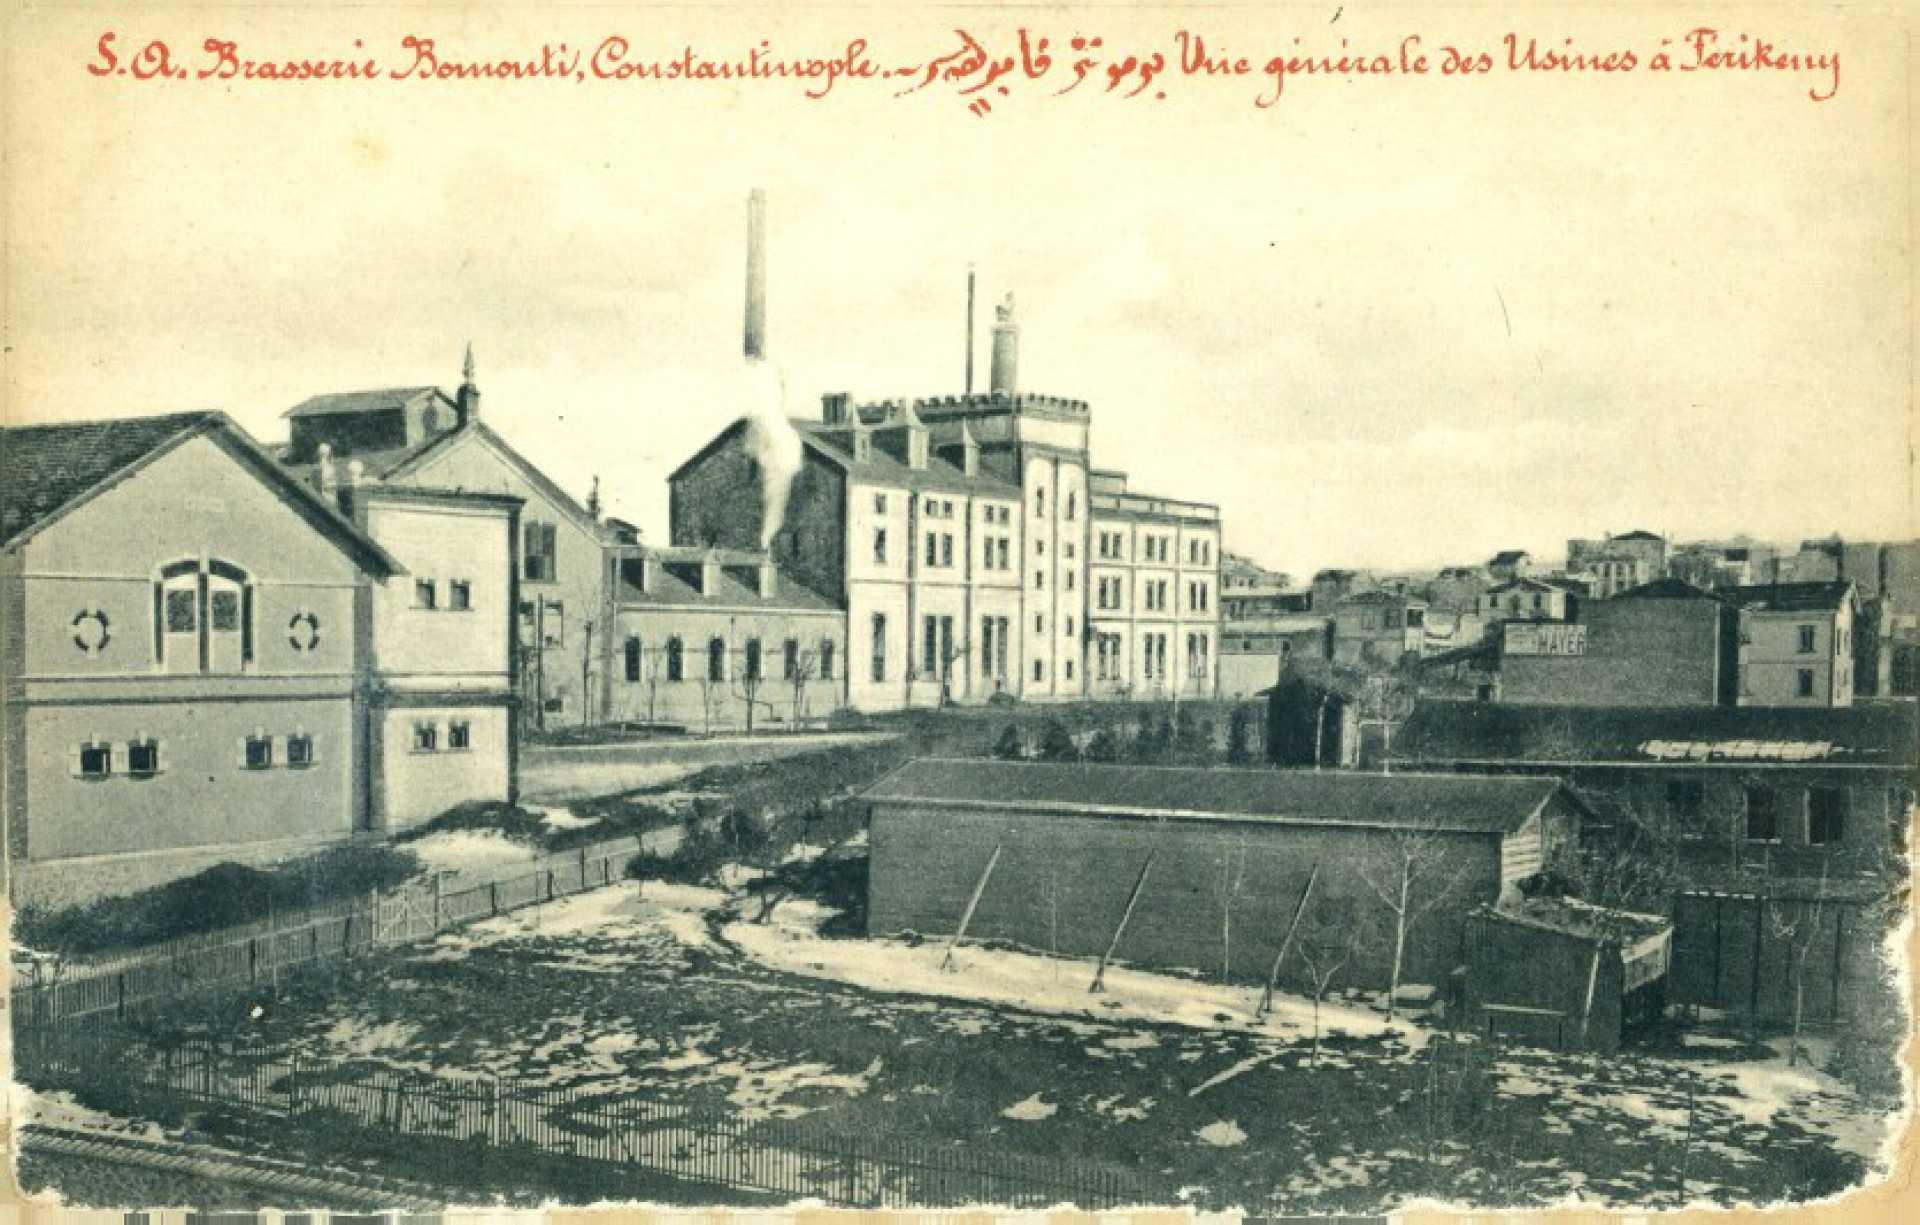 S.O. Brasserie Bomonti. Constantinople.